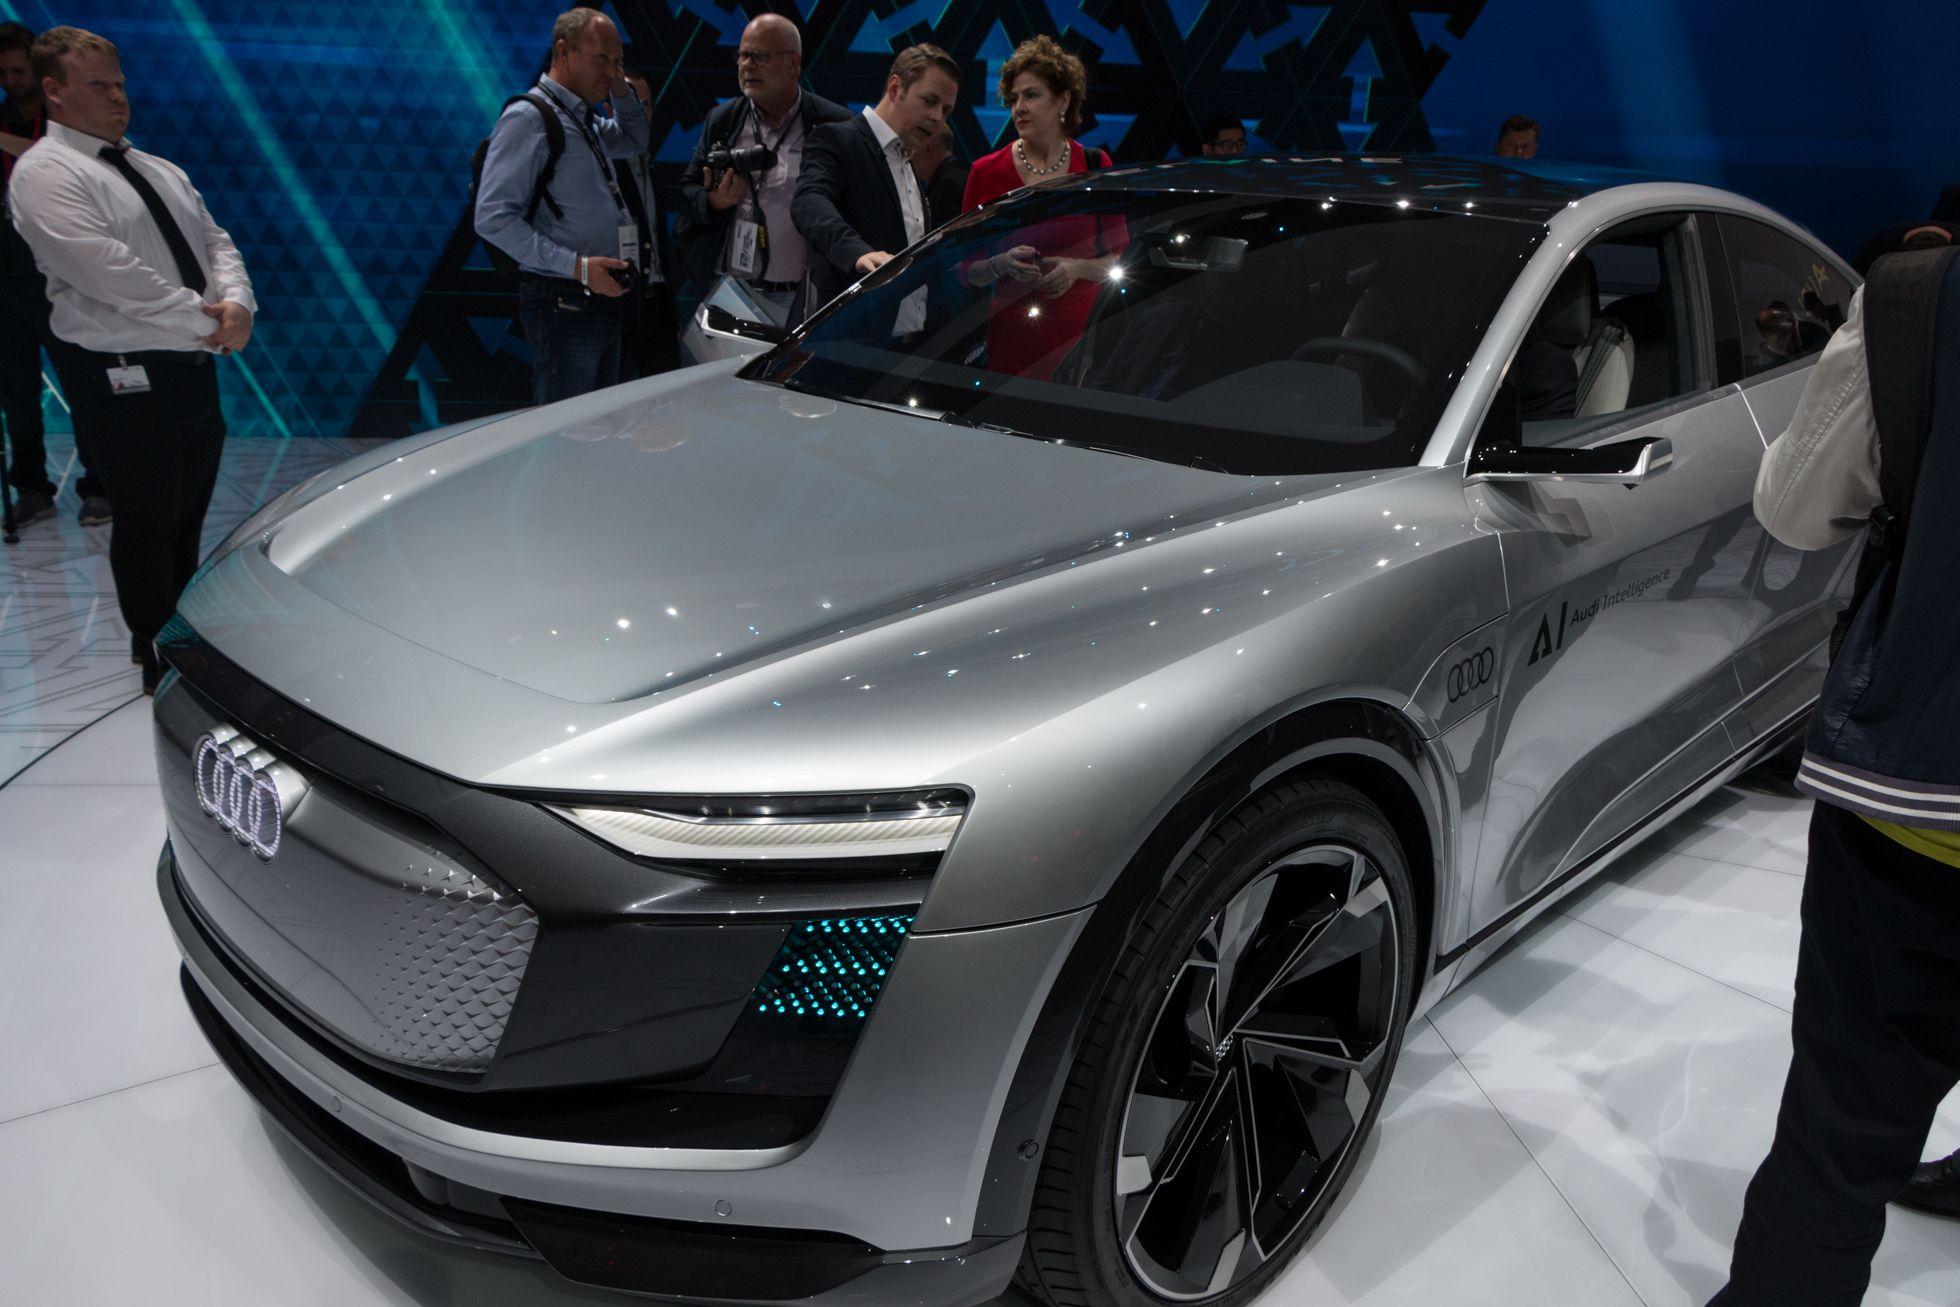 Autonomes Fahren: Audi stellt Konzepte für das fahrerlose Auto vor - Elaine ist ein Elektroauto, das Anfang der 2020er-Jahre serienreif sein  soll. (Foto: Werner Pluta/Golem.de)